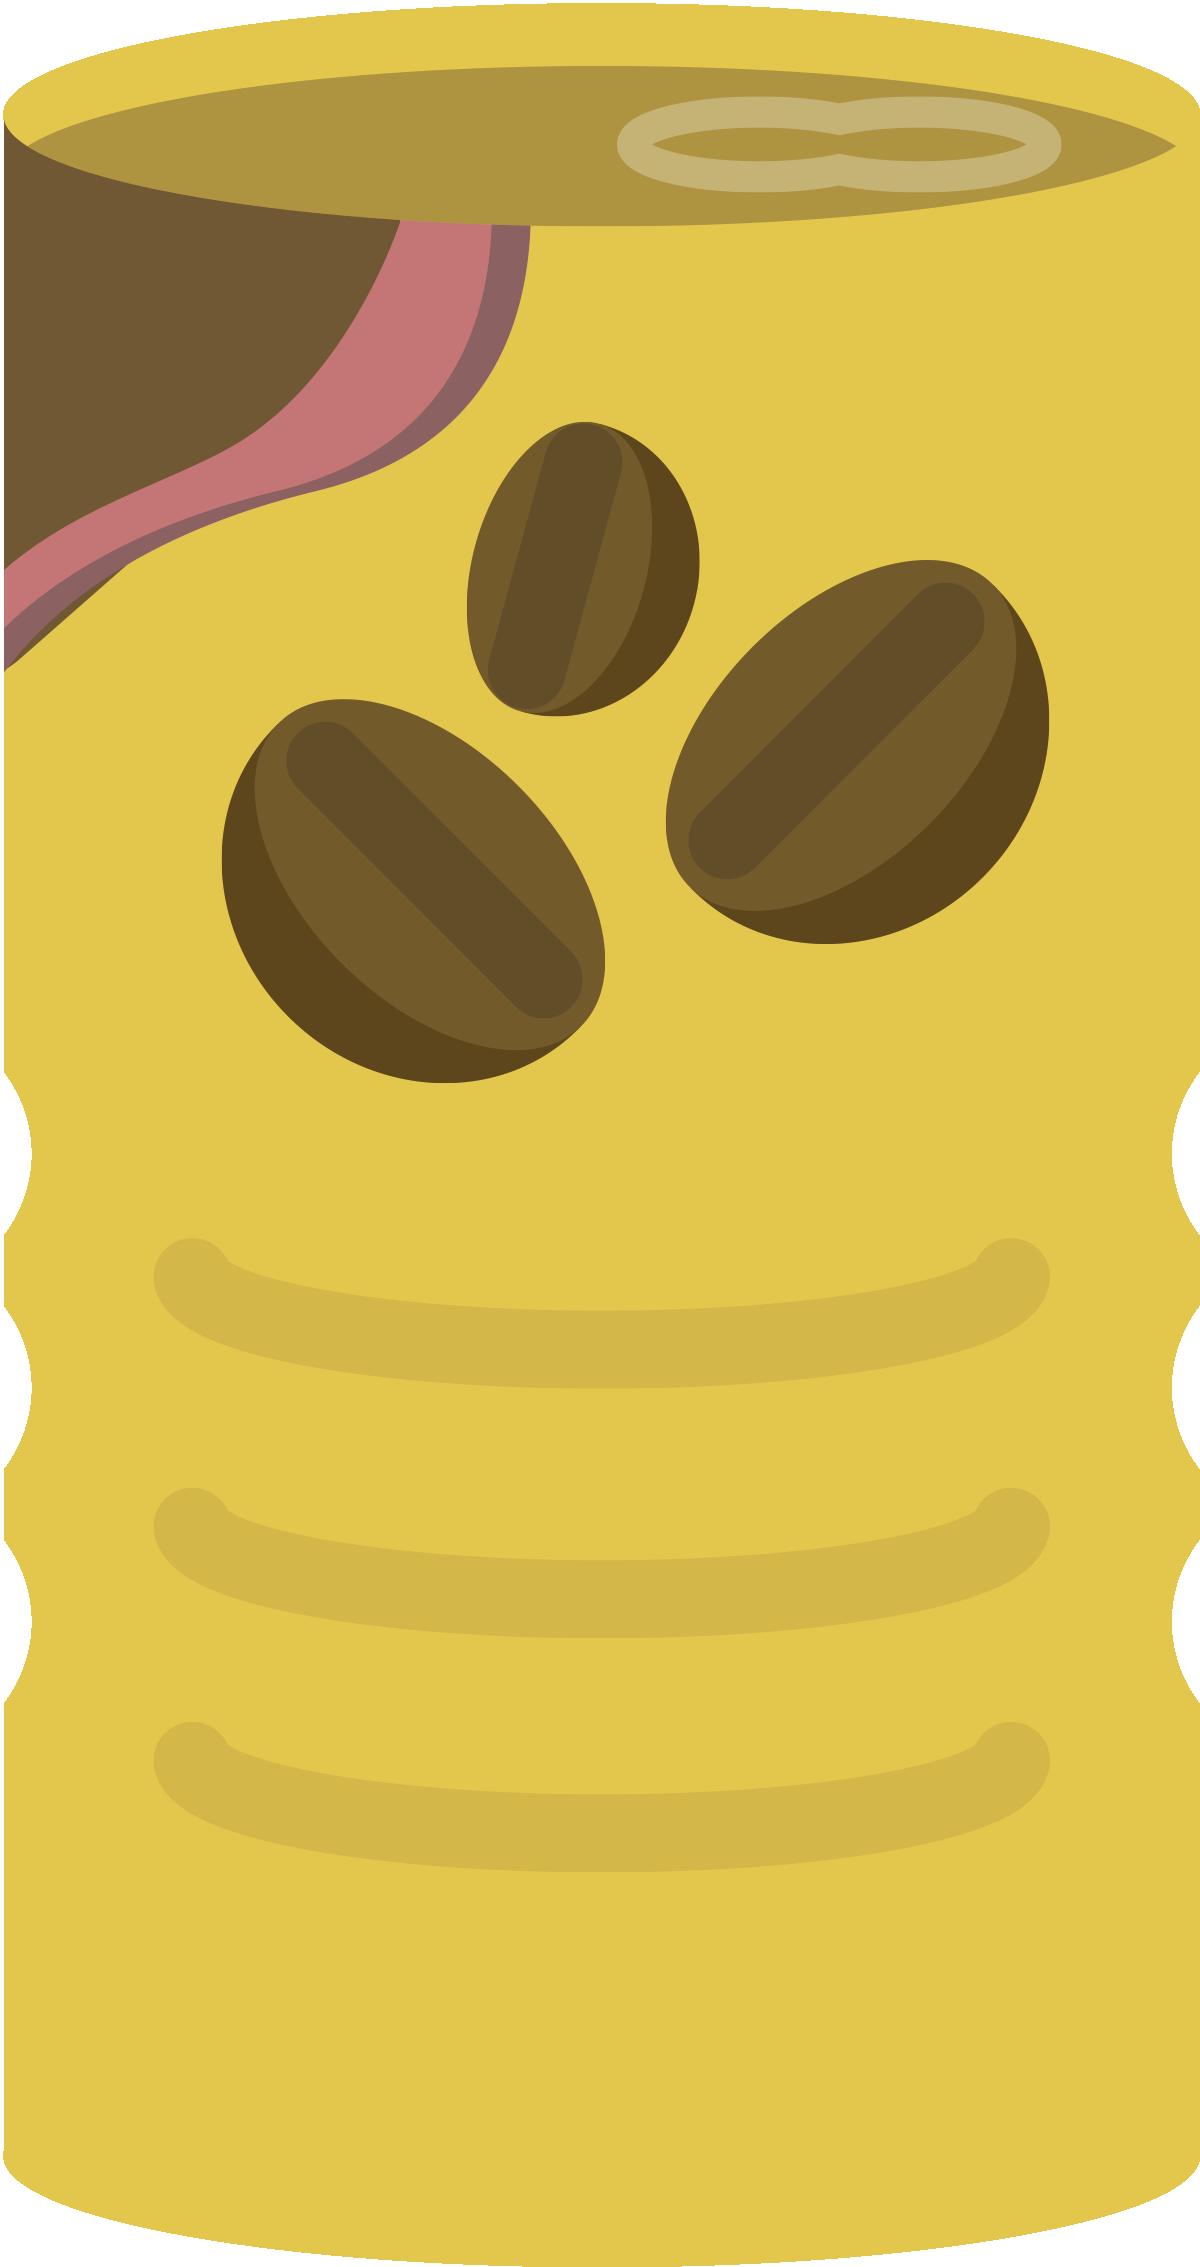 自動販売機のコーヒー缶のイラスト